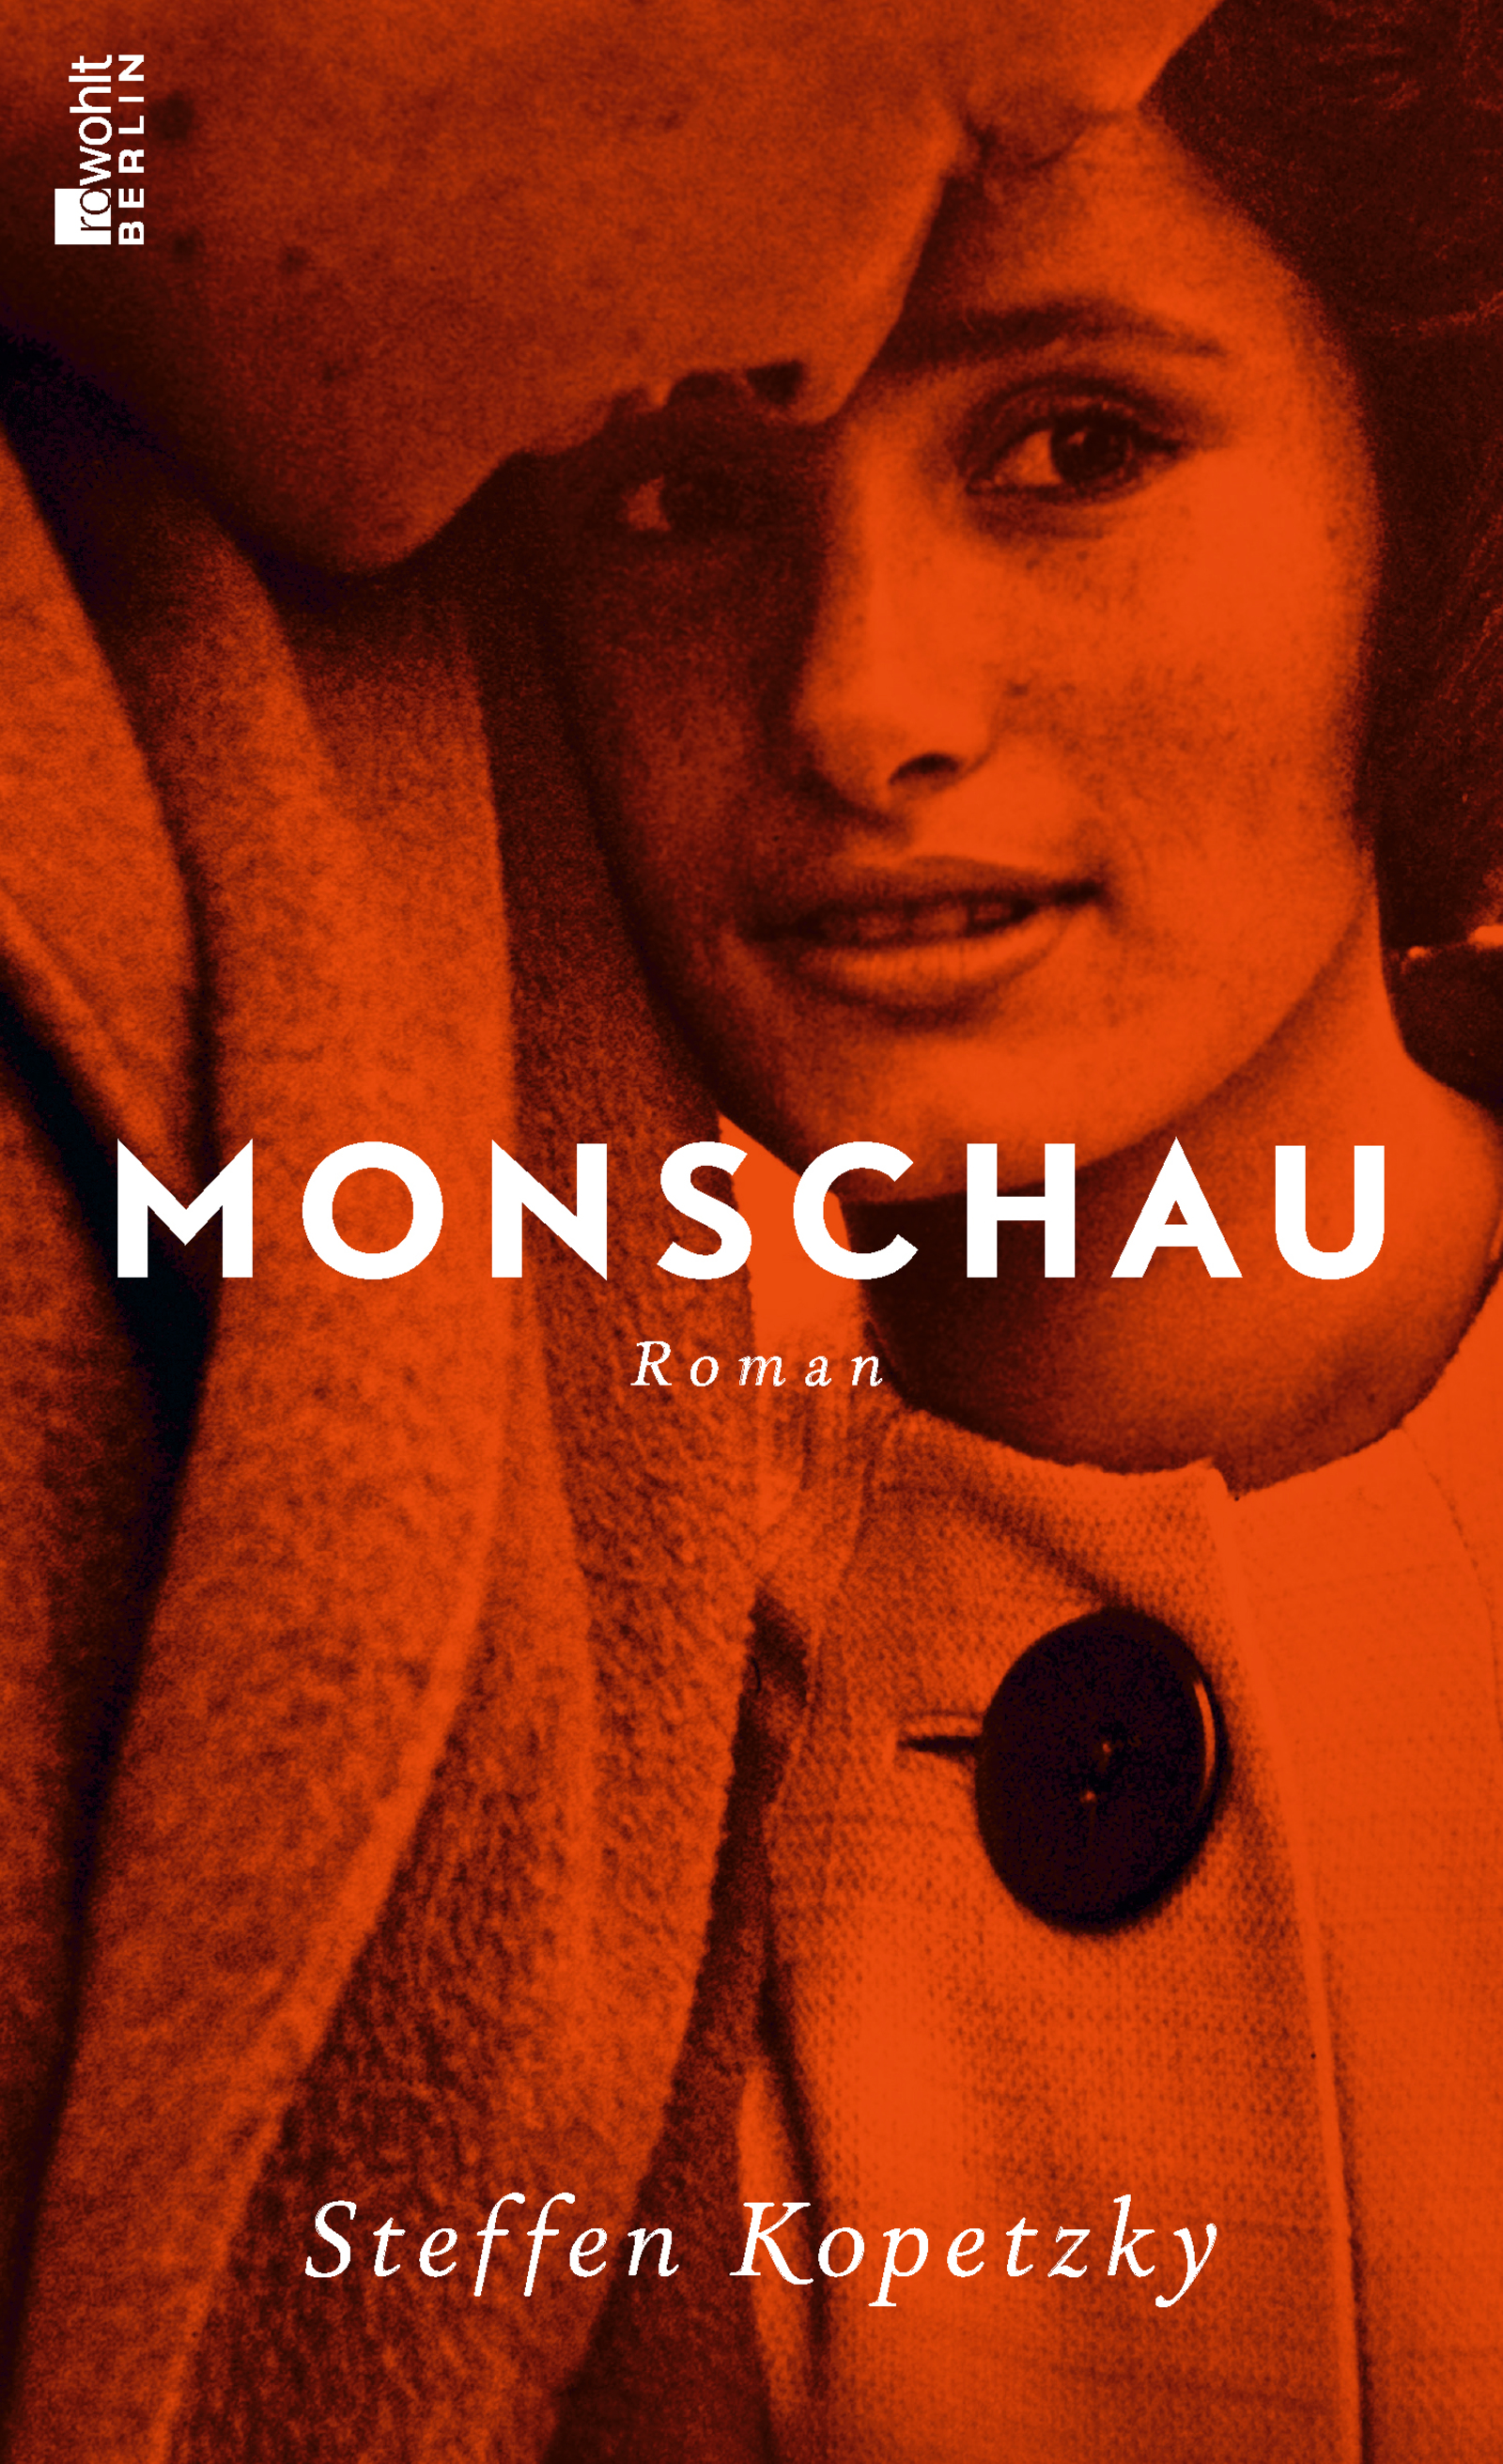 EINTRITTSKARTE - Monschau